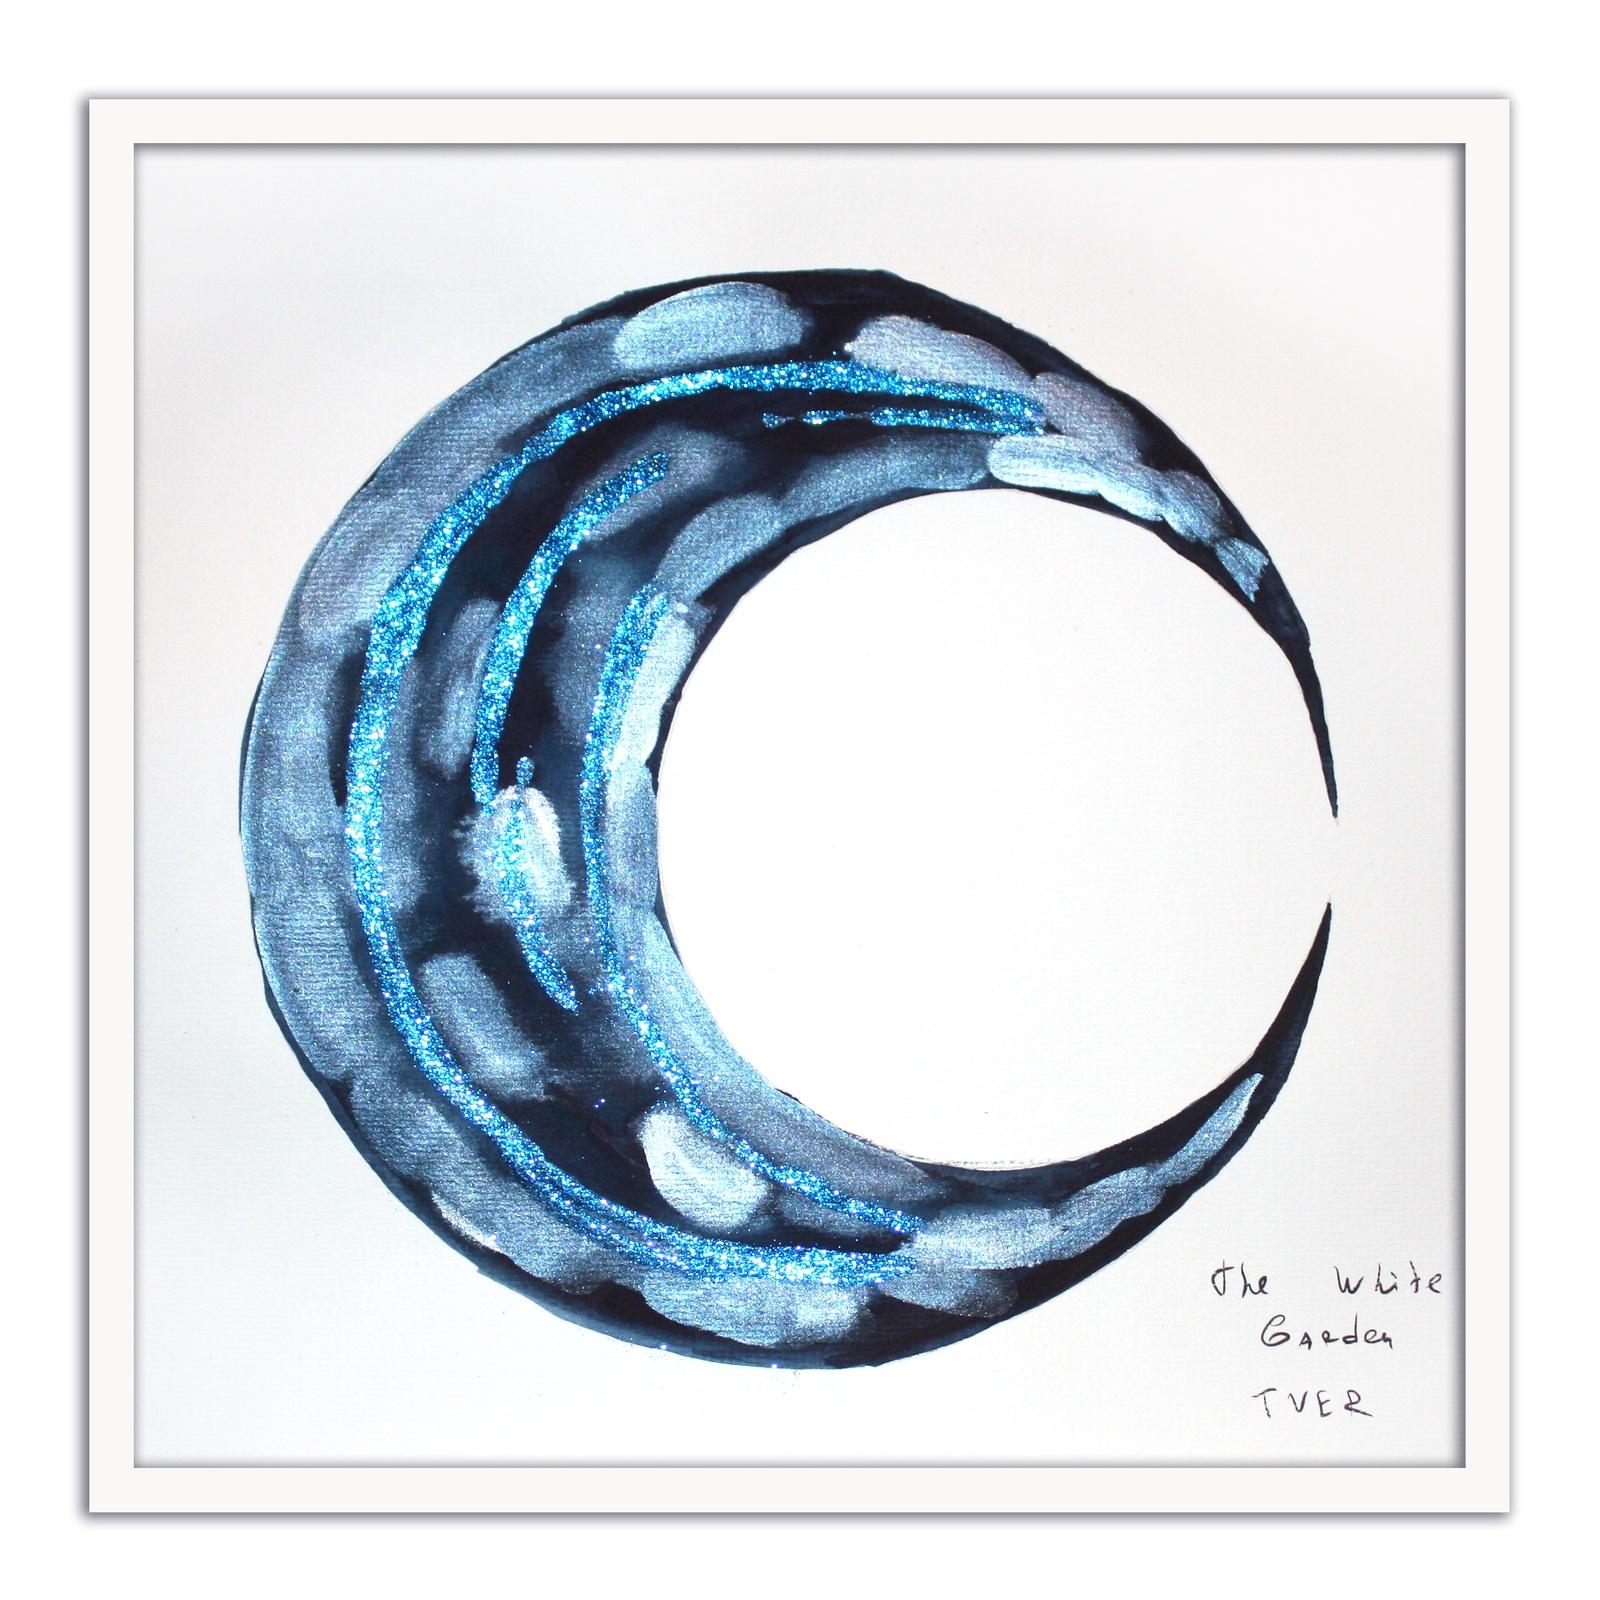 Картина The White Garden TVER Синий месяц, серебристый картина фото